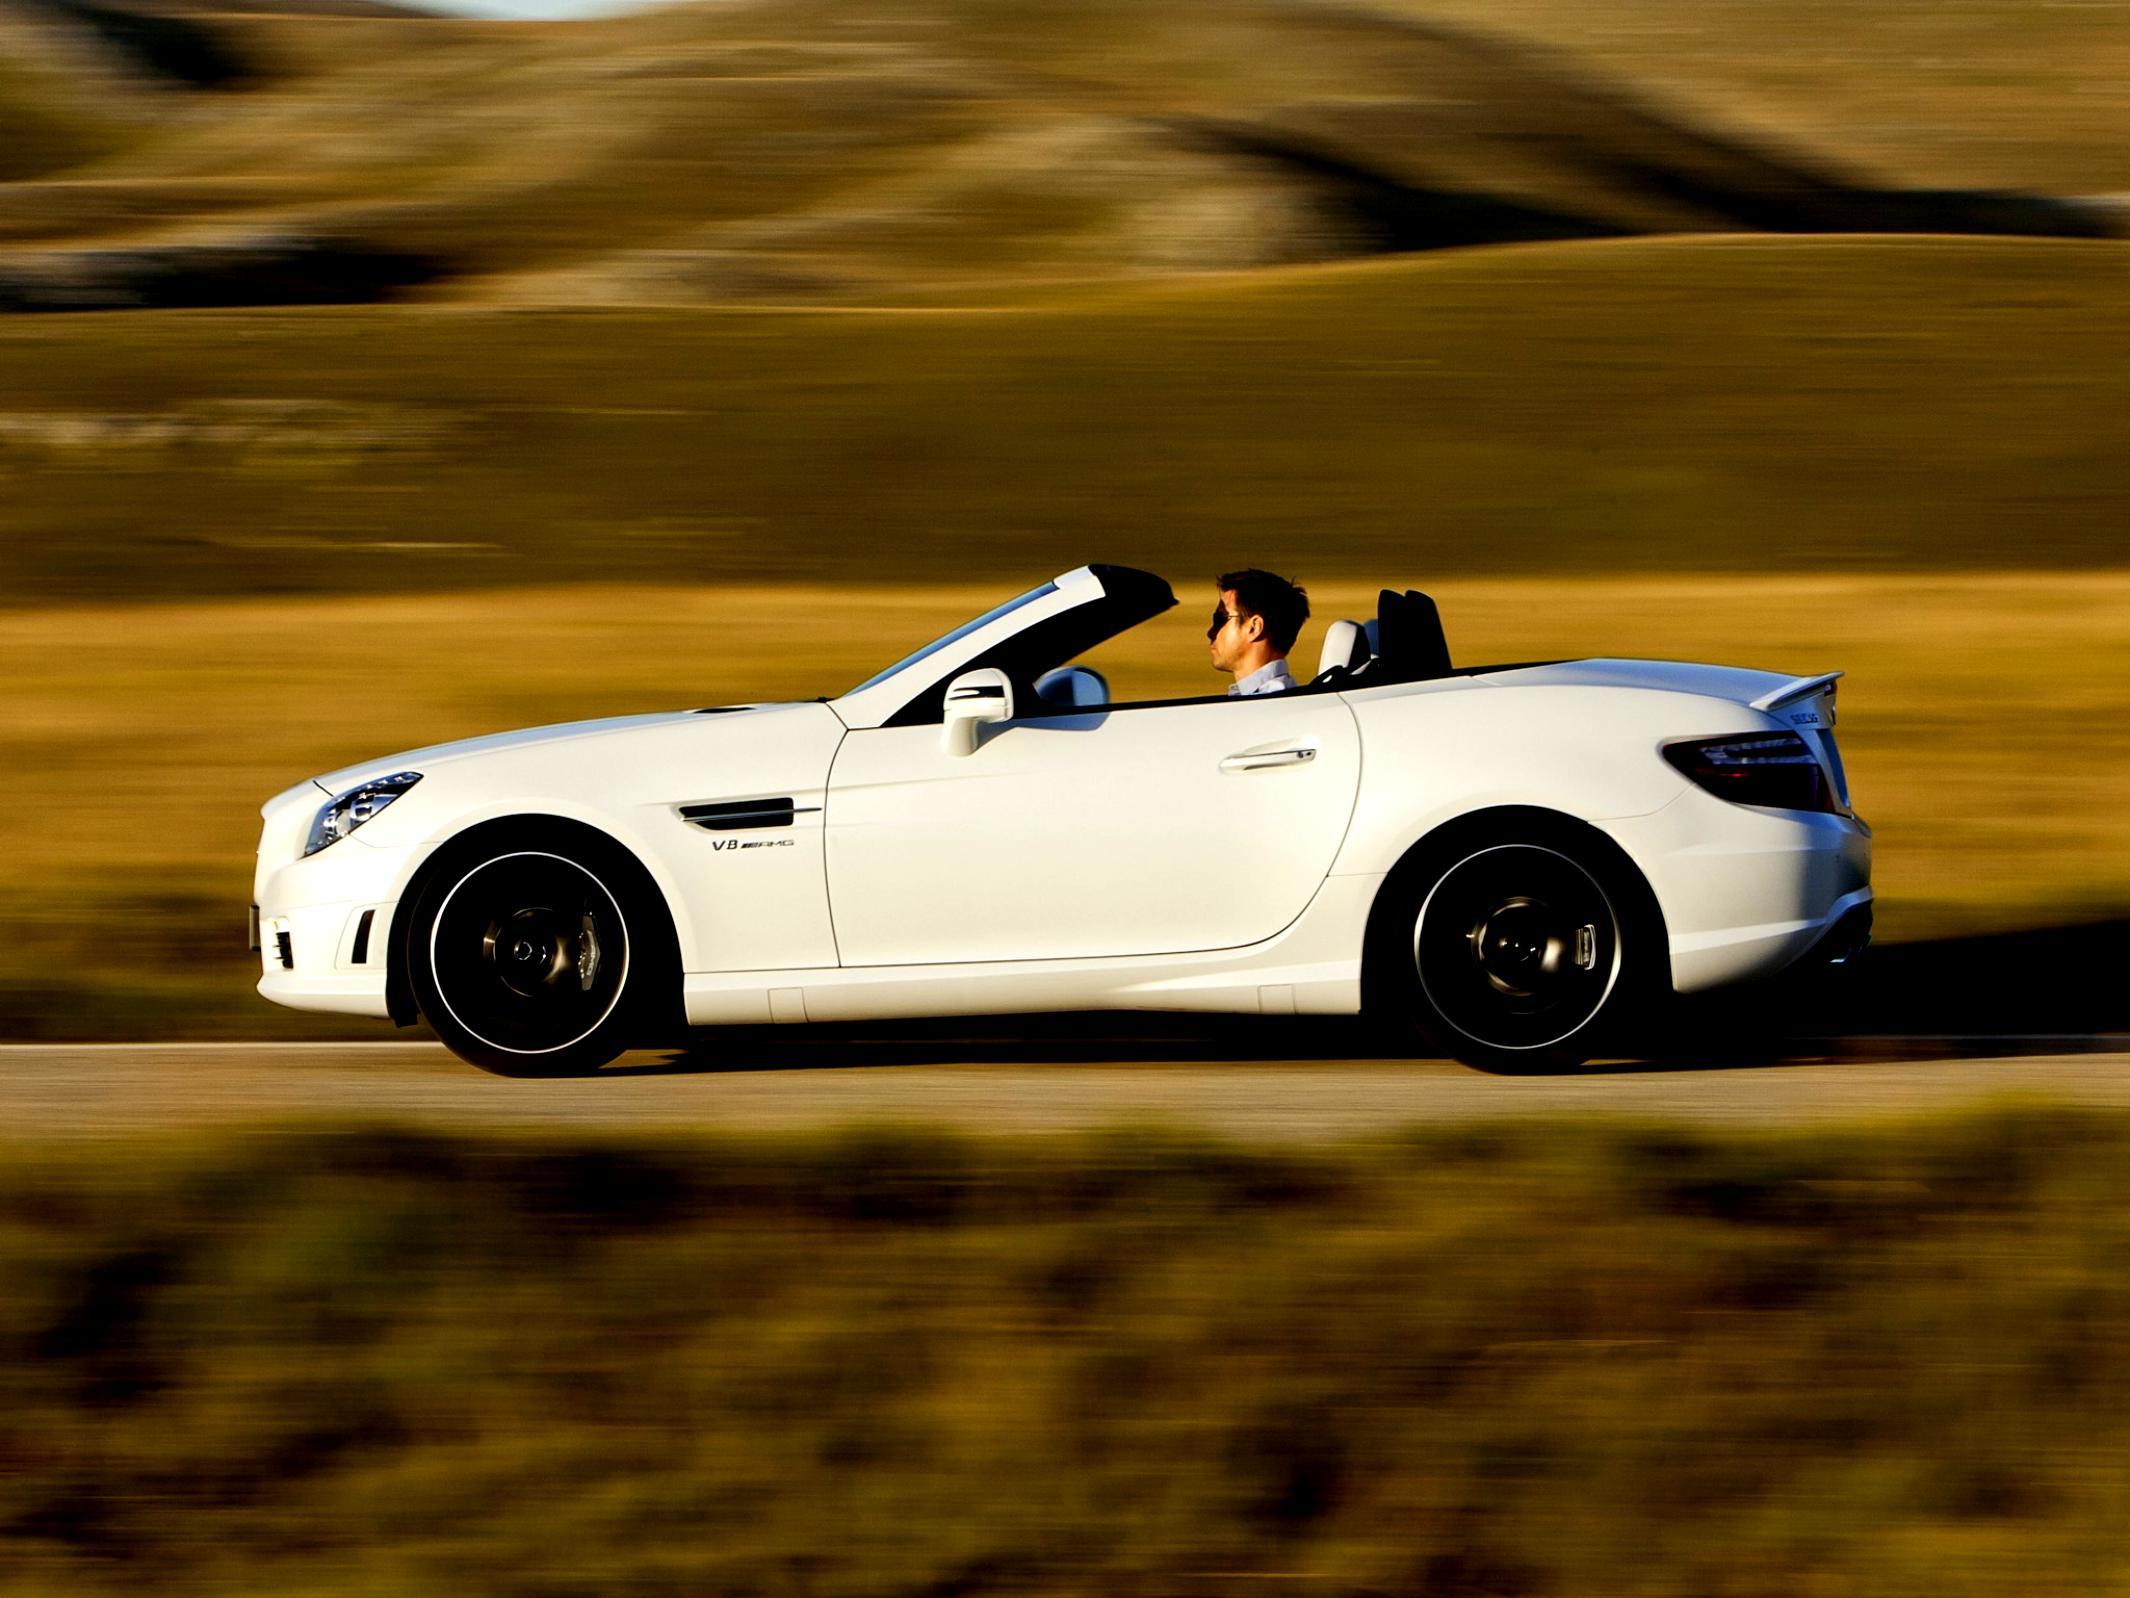 Mercedes benz slk 55 amg r172 2012 photos 31 on for 2012 mercedes benz slk